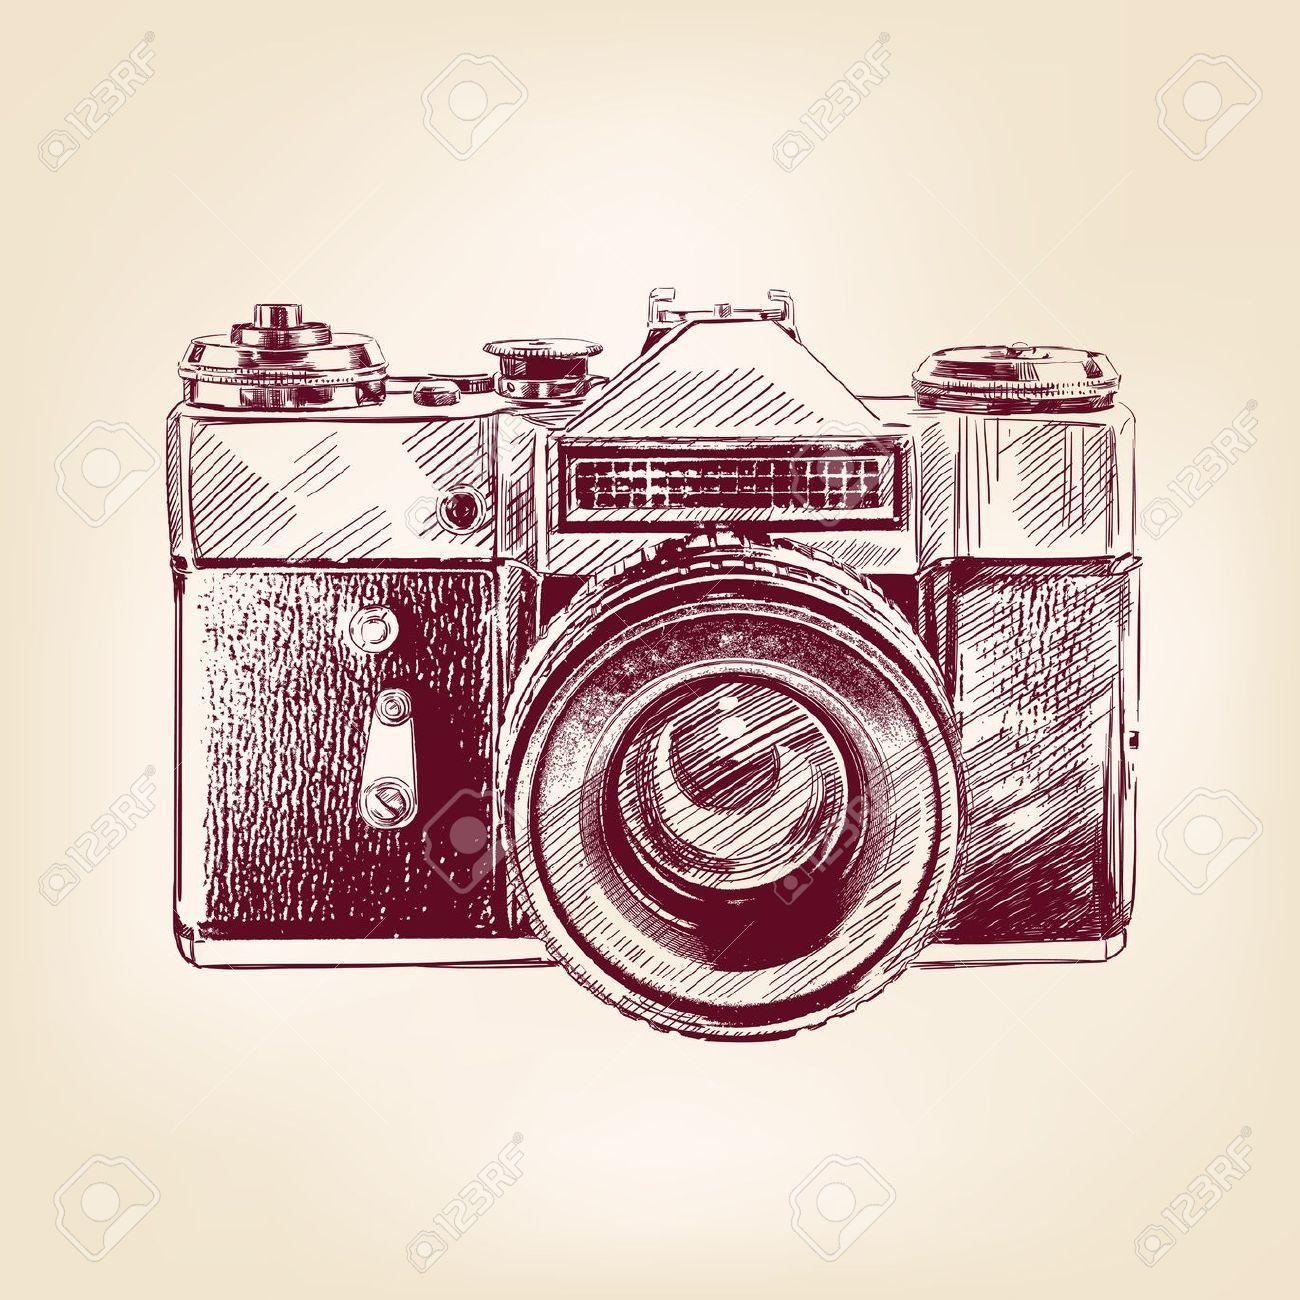 Vintage Old Photo Camera Llustration Vector Image On Dibujo De